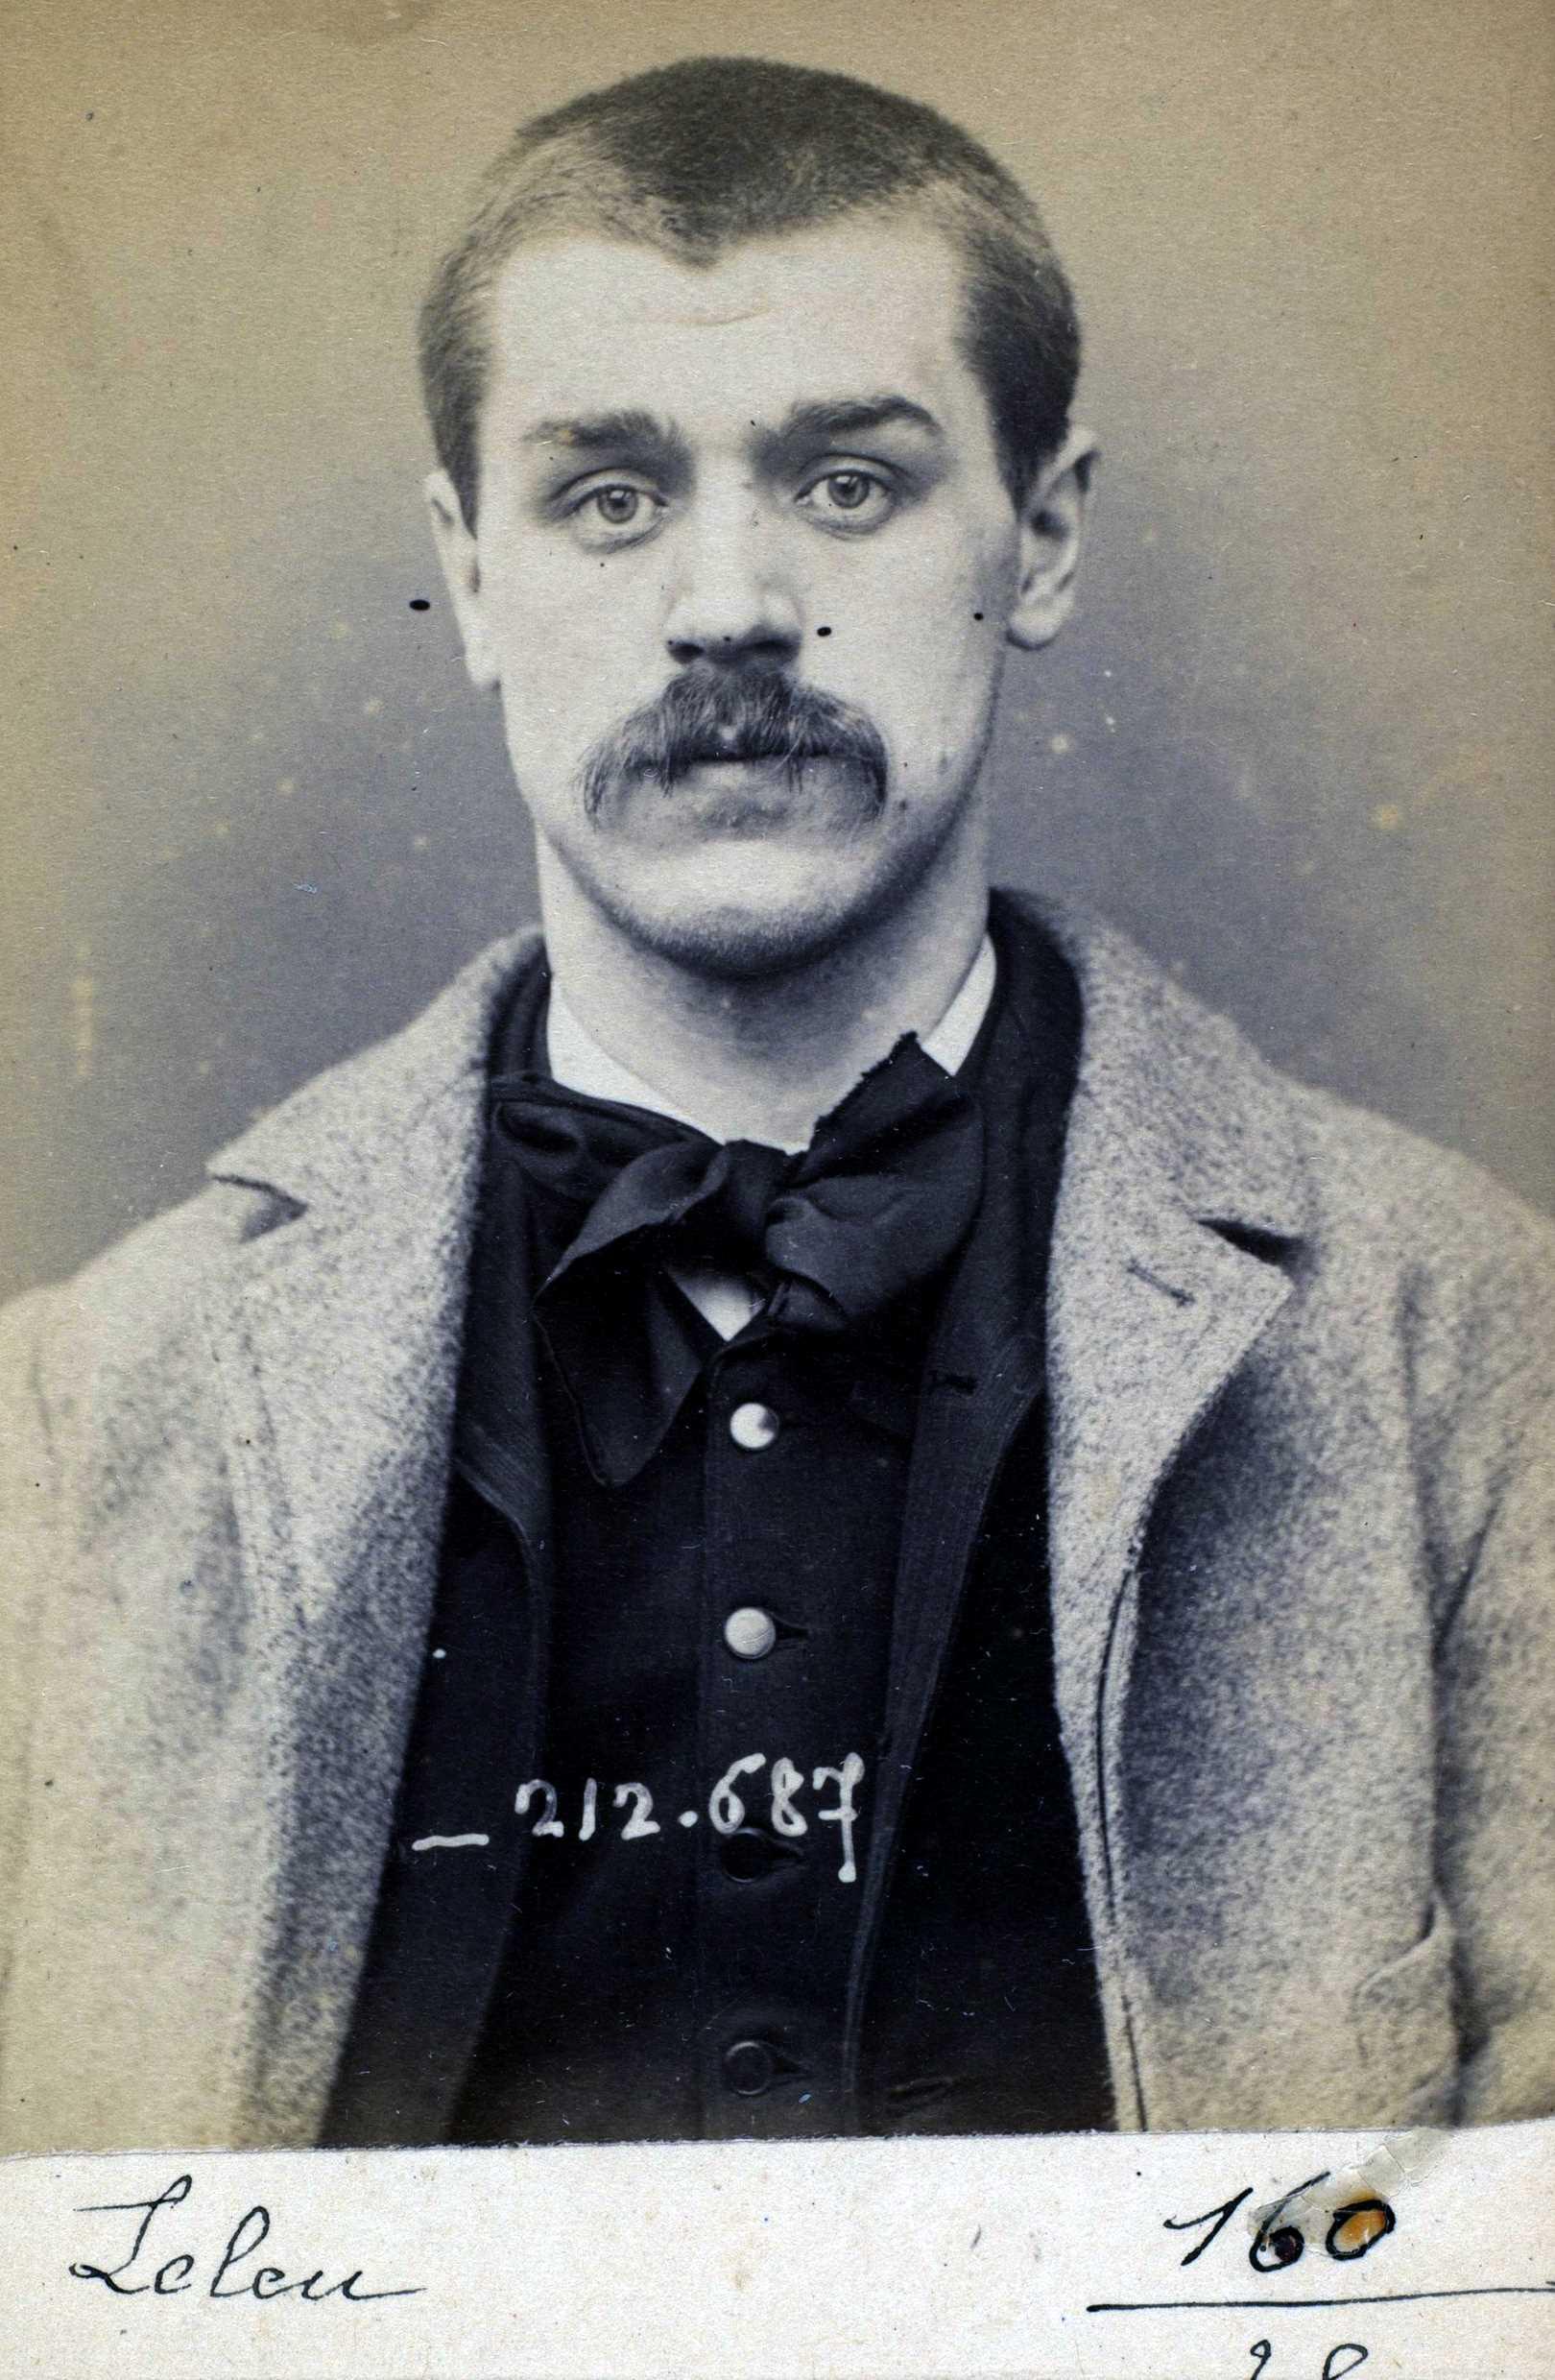 Foto policíaca de Victor Leleu (9 de gener de 1894)